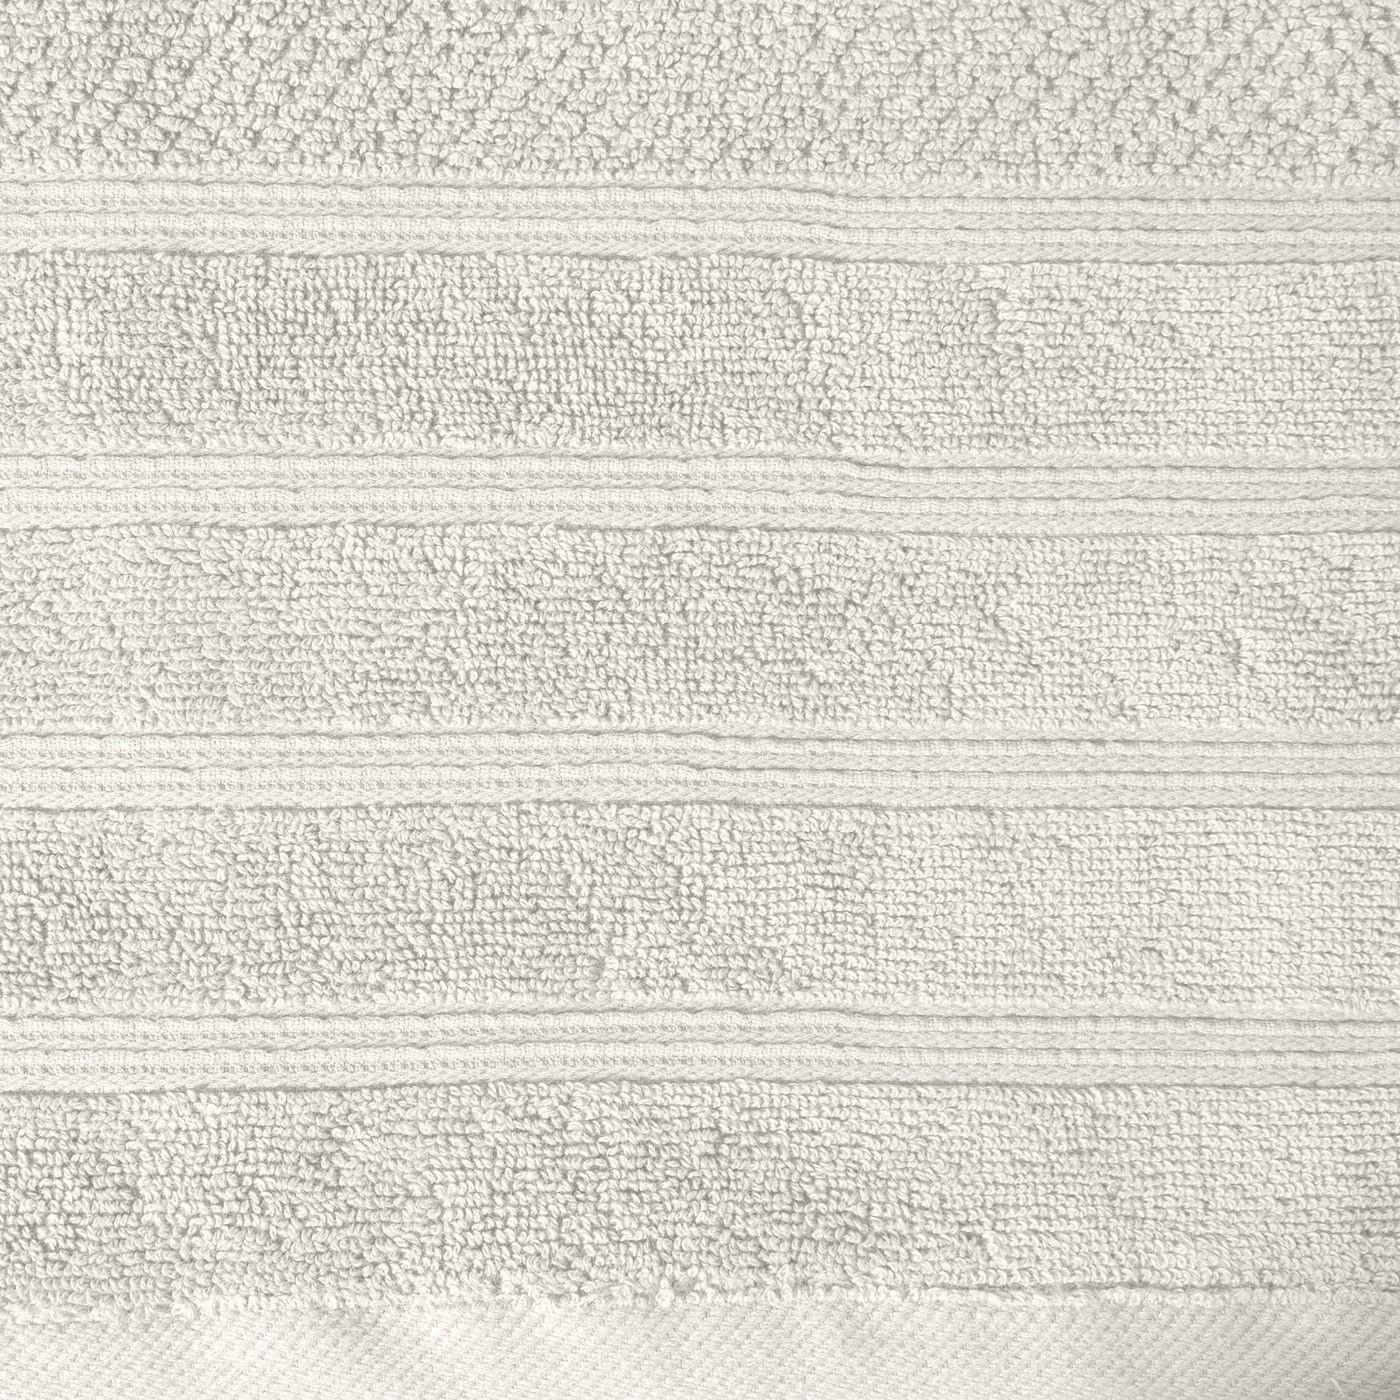 Bawełniany RĘCZNIK kąpielowy frote kremowy 70x140